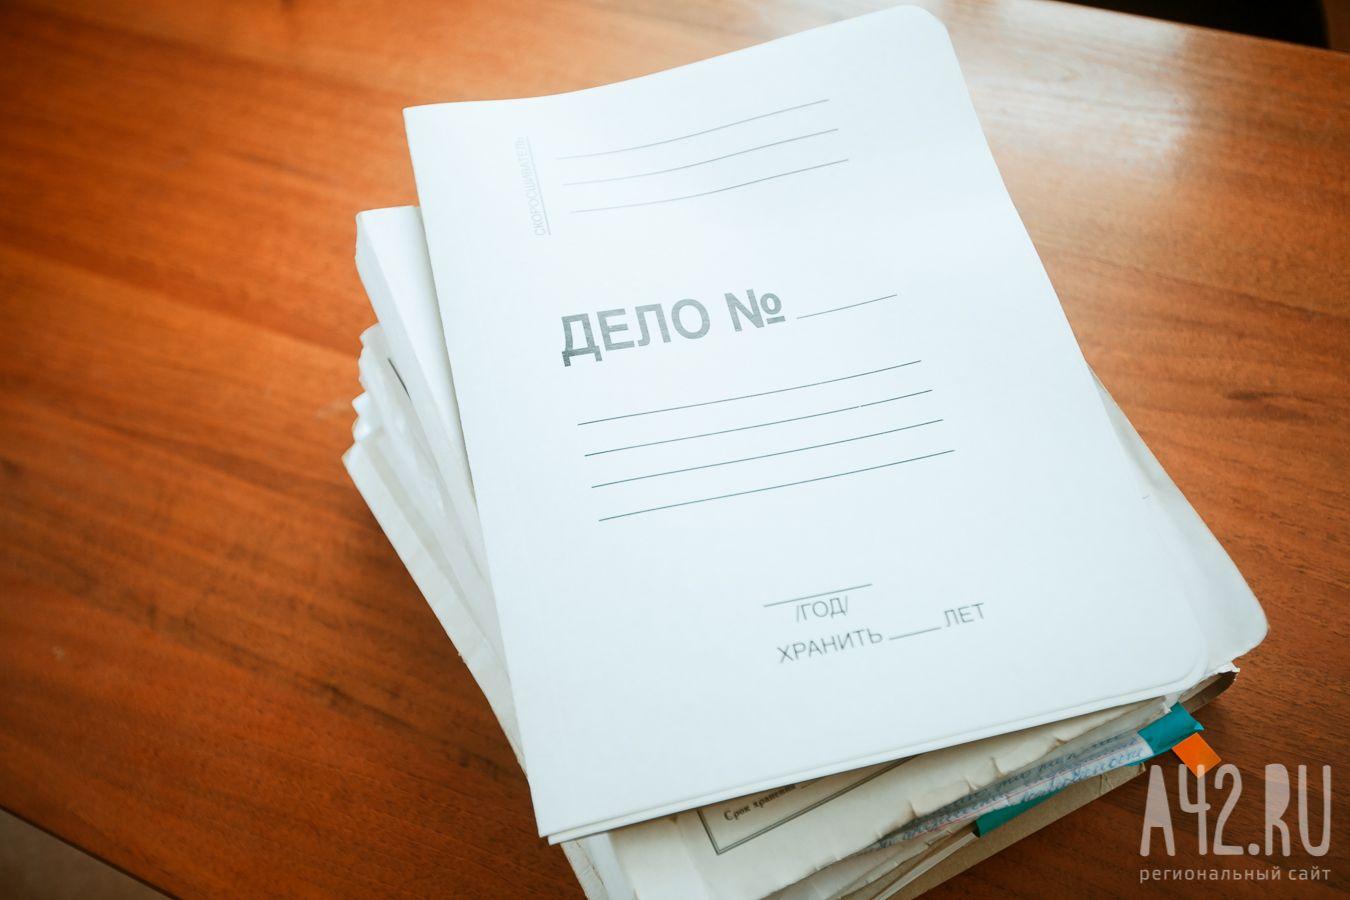 Объявлены новые детали пообрушению дома вМеждуреченске